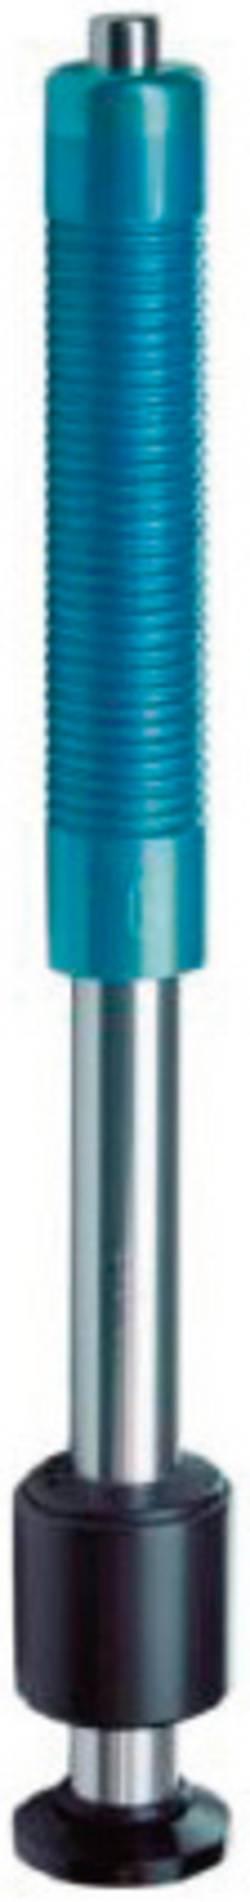 Capteur de rebond externe type G Sauter AHMO G 1 pc(s)